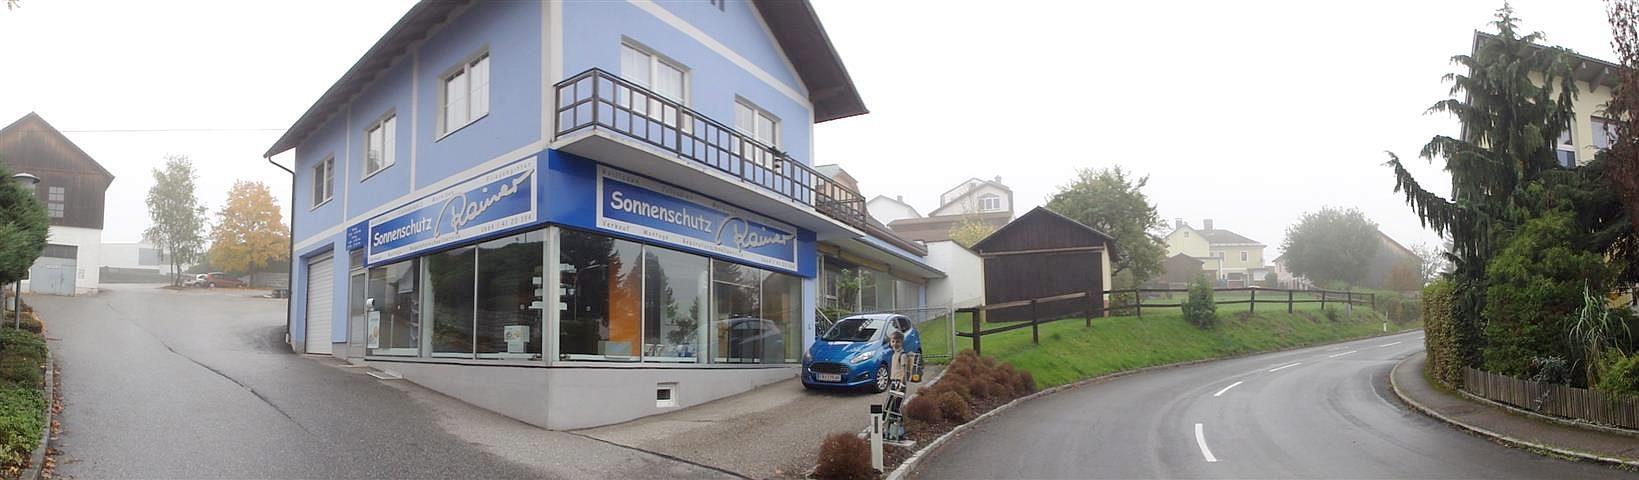 Sonnenschutz Rainer Sonnenschutz Insektenschutz Verkauf